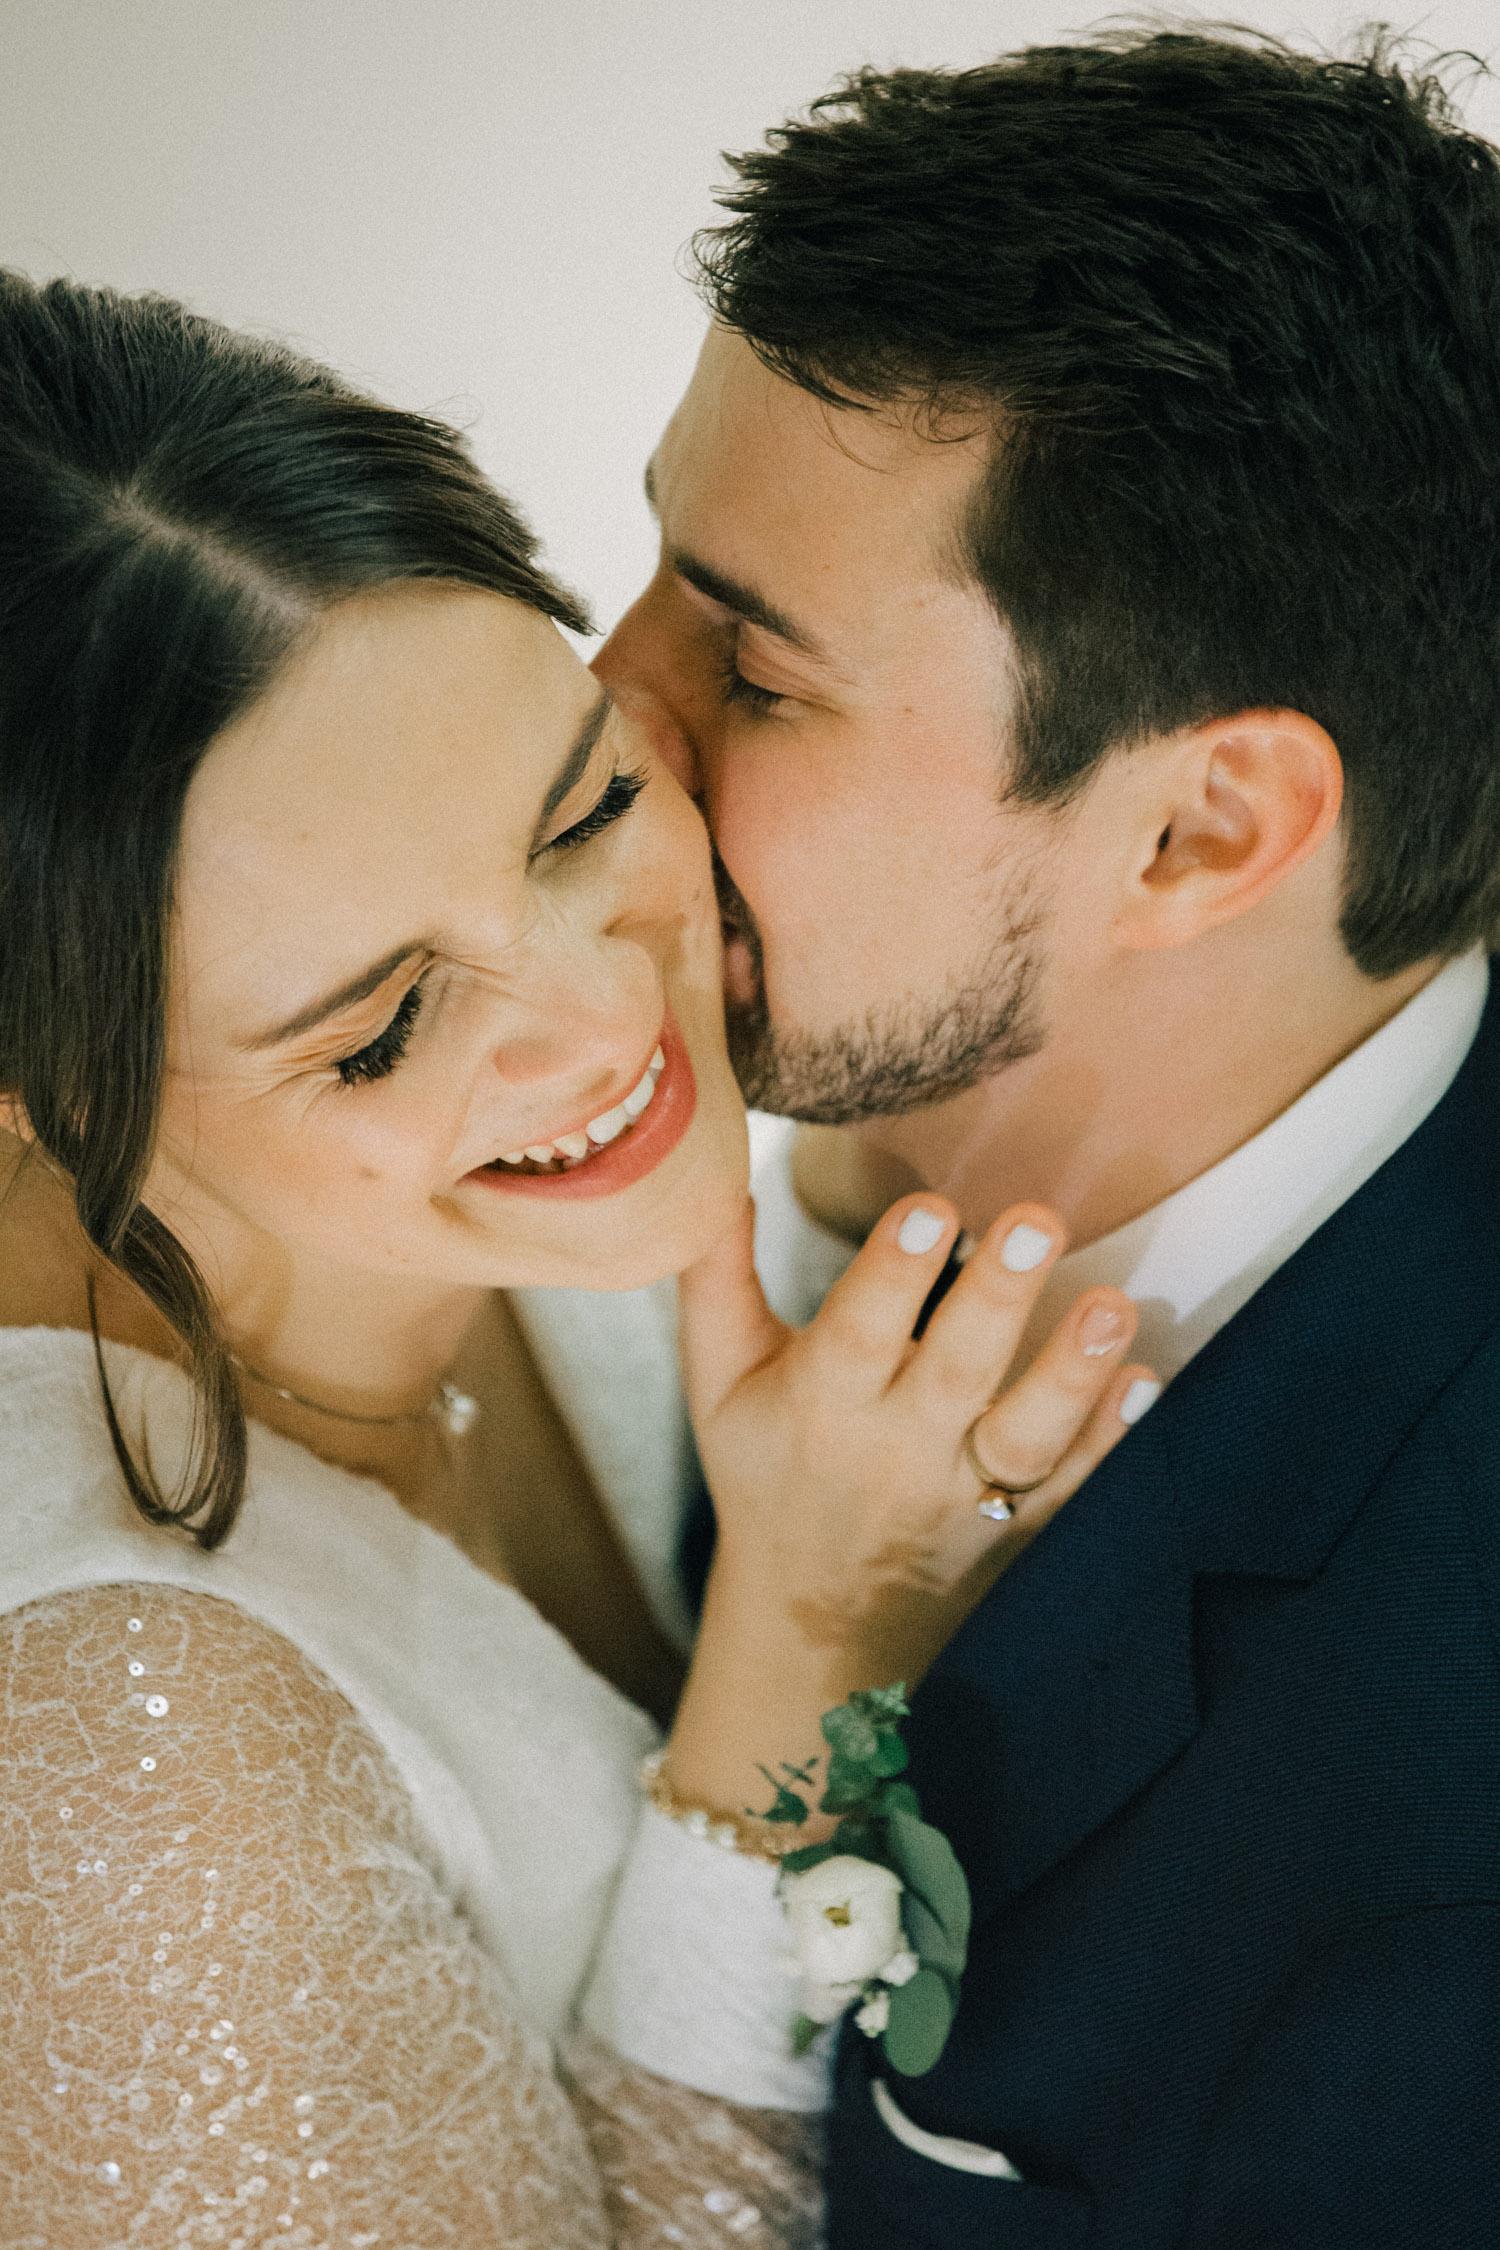 fotógrafo de casamento no Porto Portugal wedding photographer